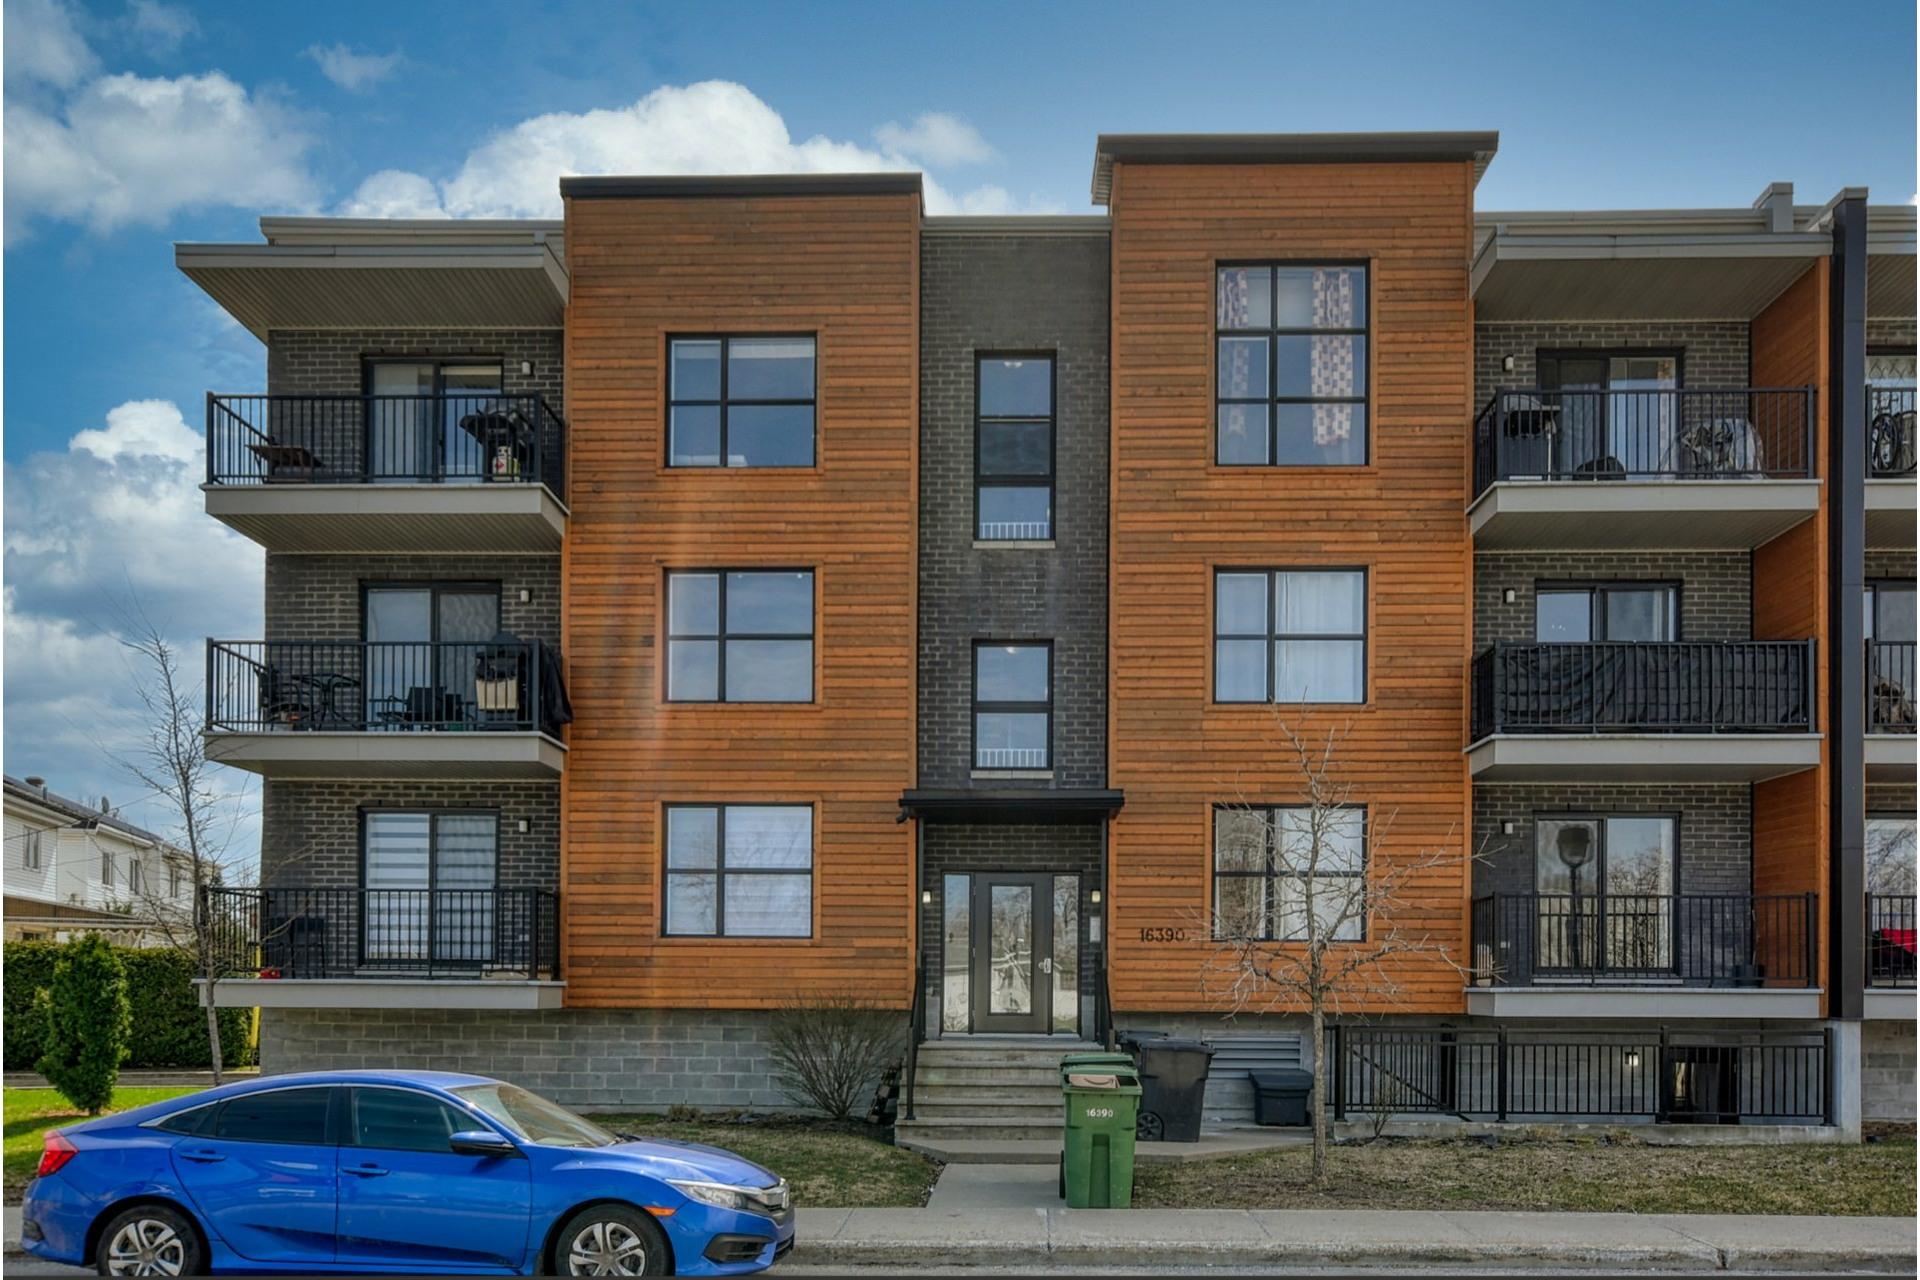 image 2 - Appartement À vendre Rivière-des-Prairies/Pointe-aux-Trembles Montréal  - 11 pièces